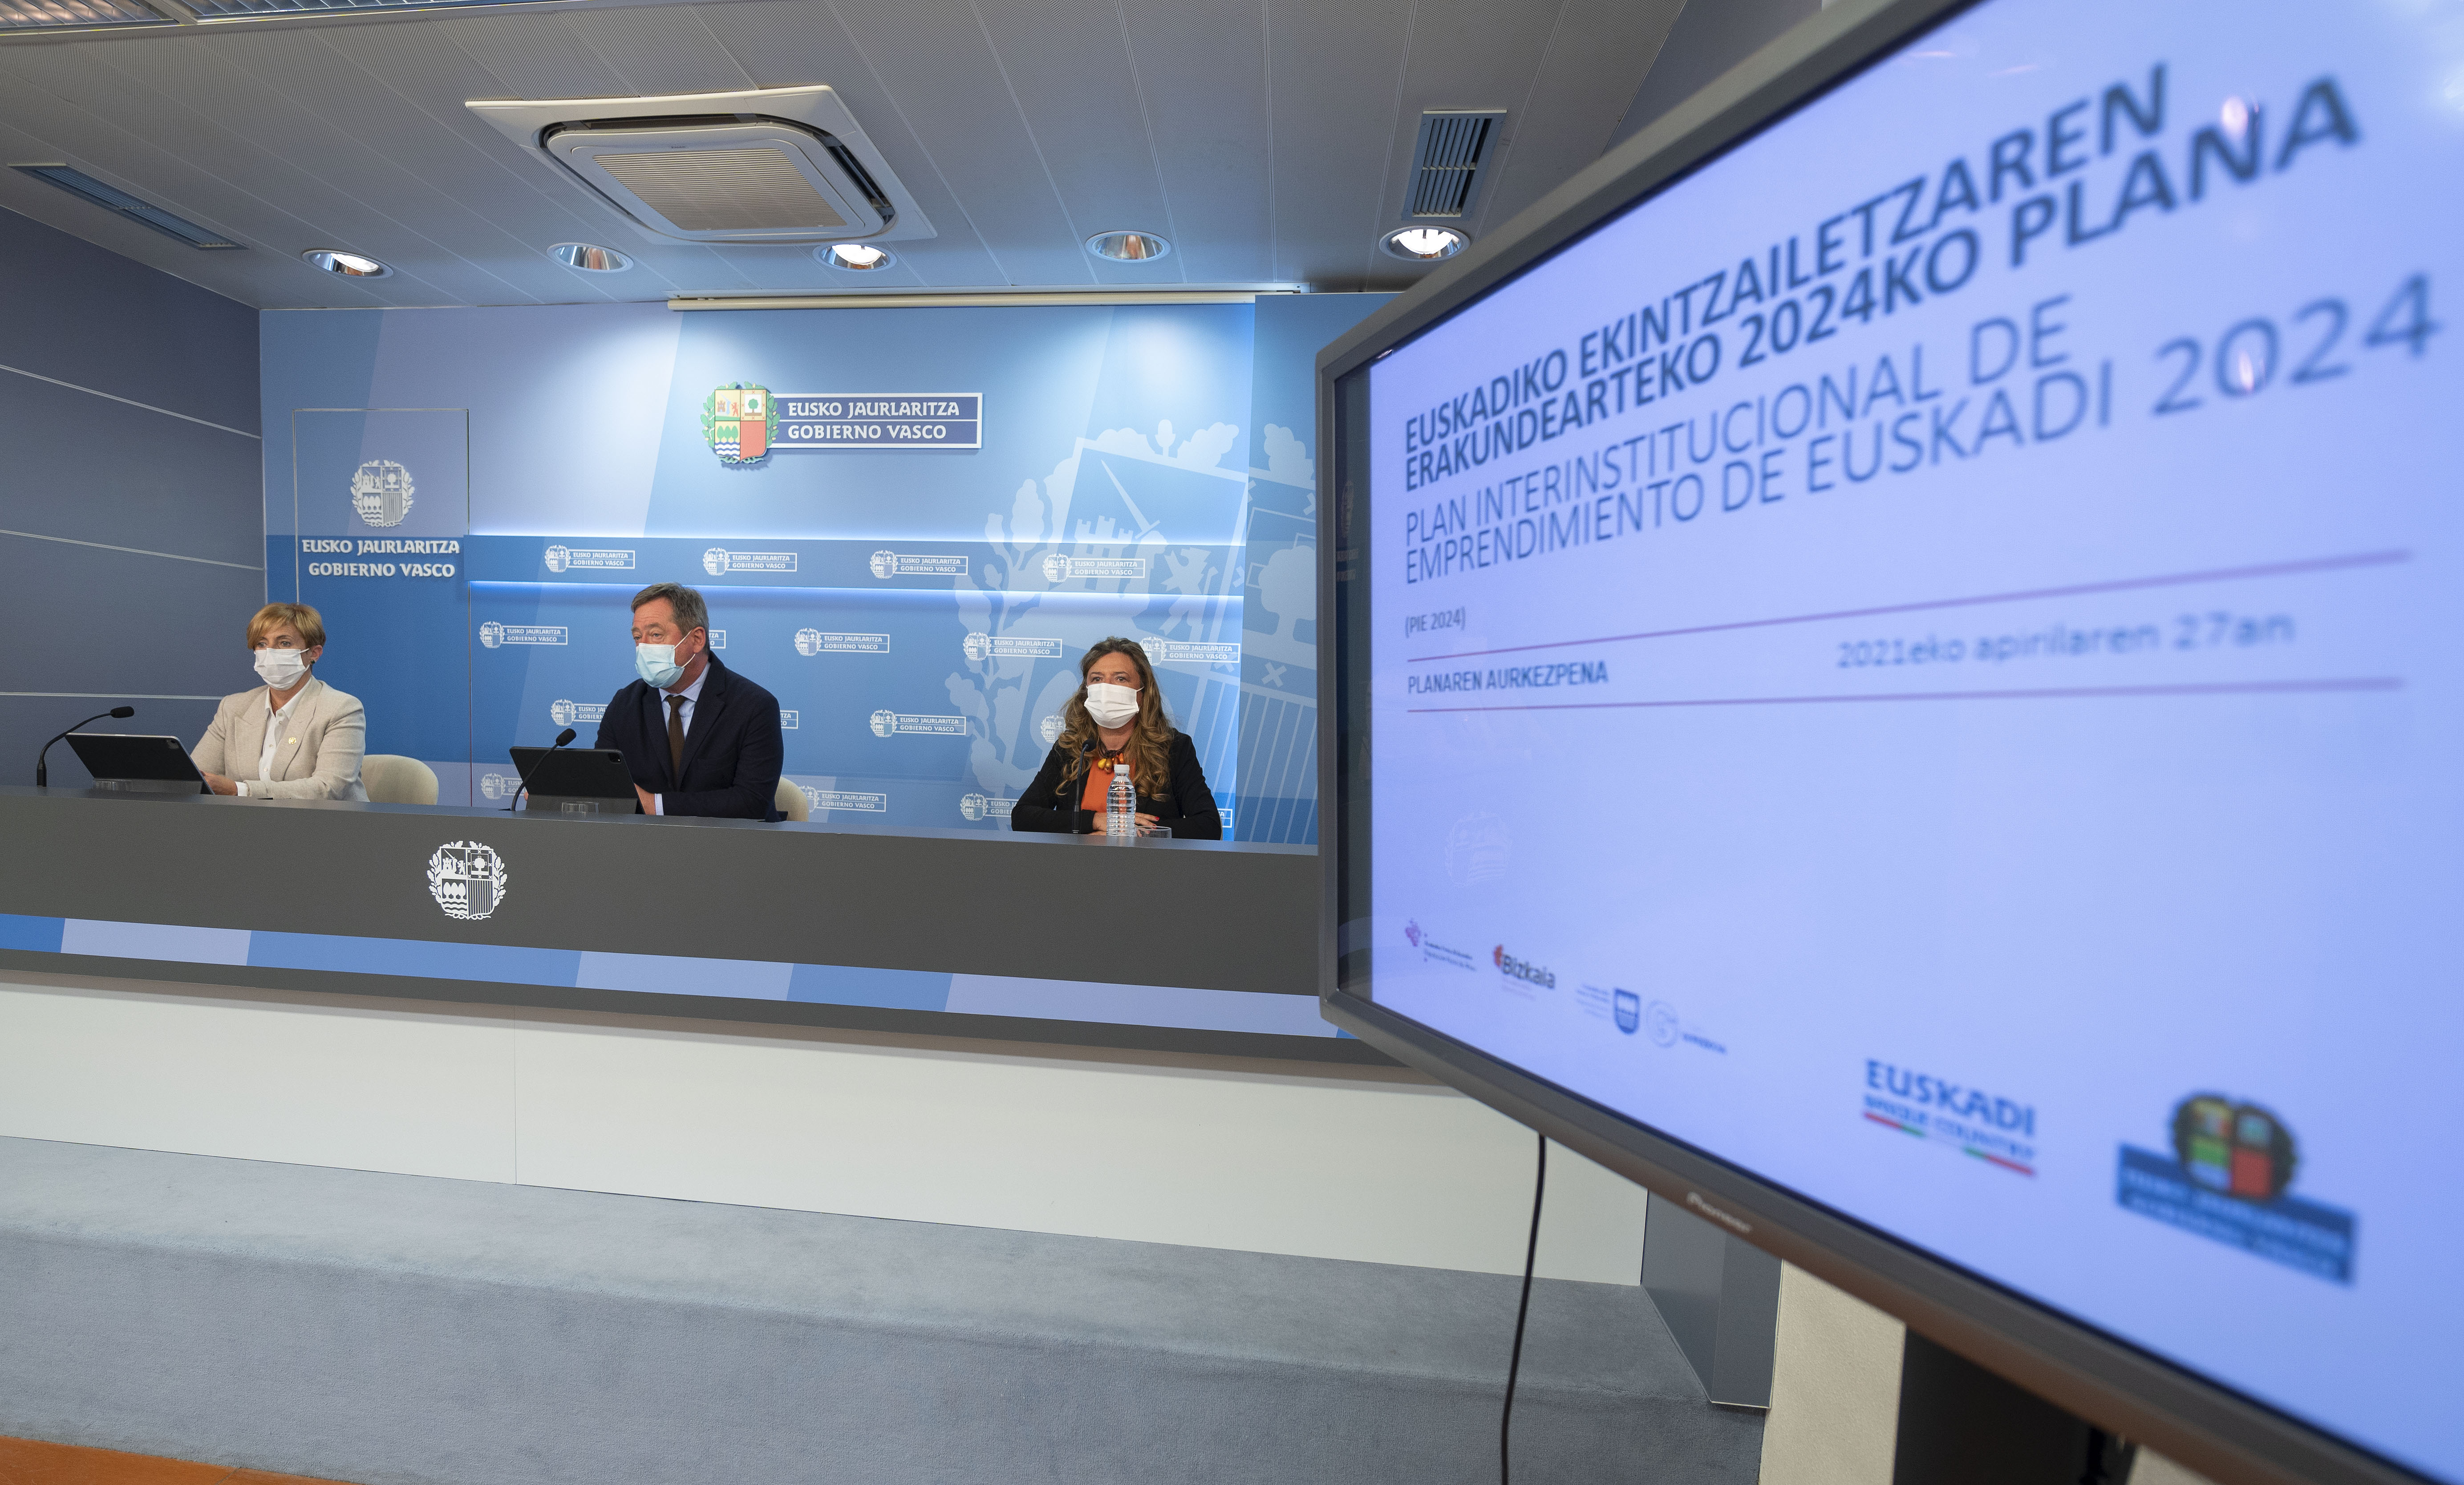 Euskadi refuerza el ecosistema y la financiación del emprendimiento como palanca de transformación económica y social [92:06]